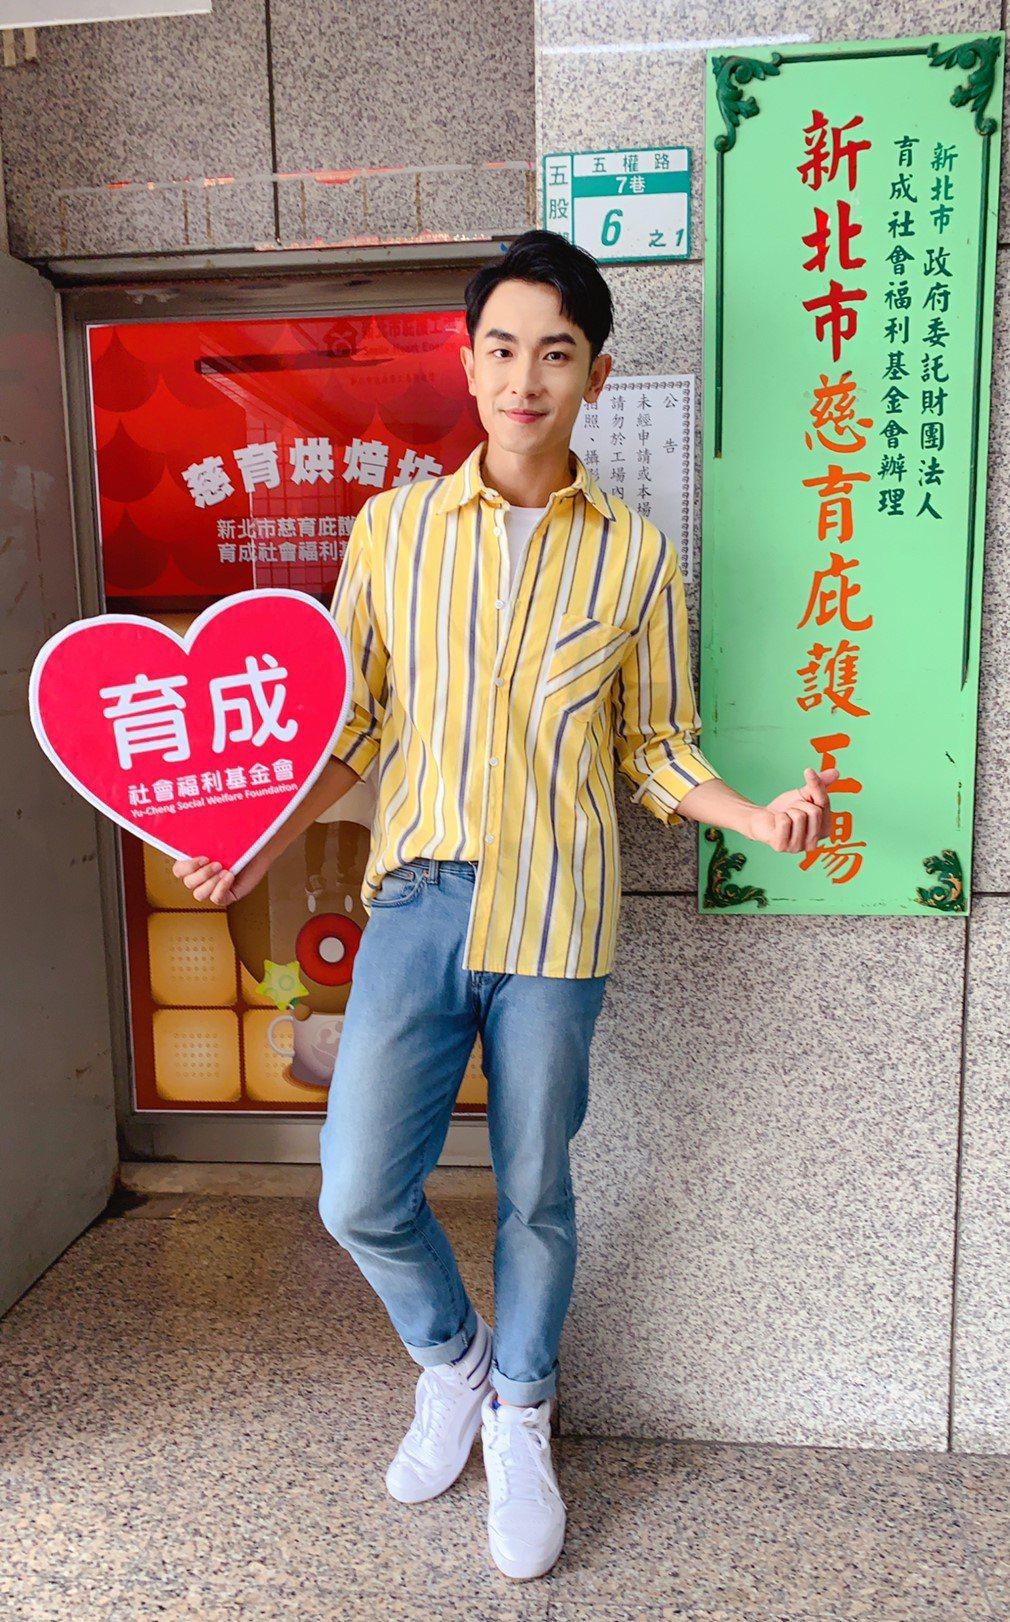 陳謙文擔任「育成基金會」中秋月餅公益推廣大使。圖/星火映畫提供